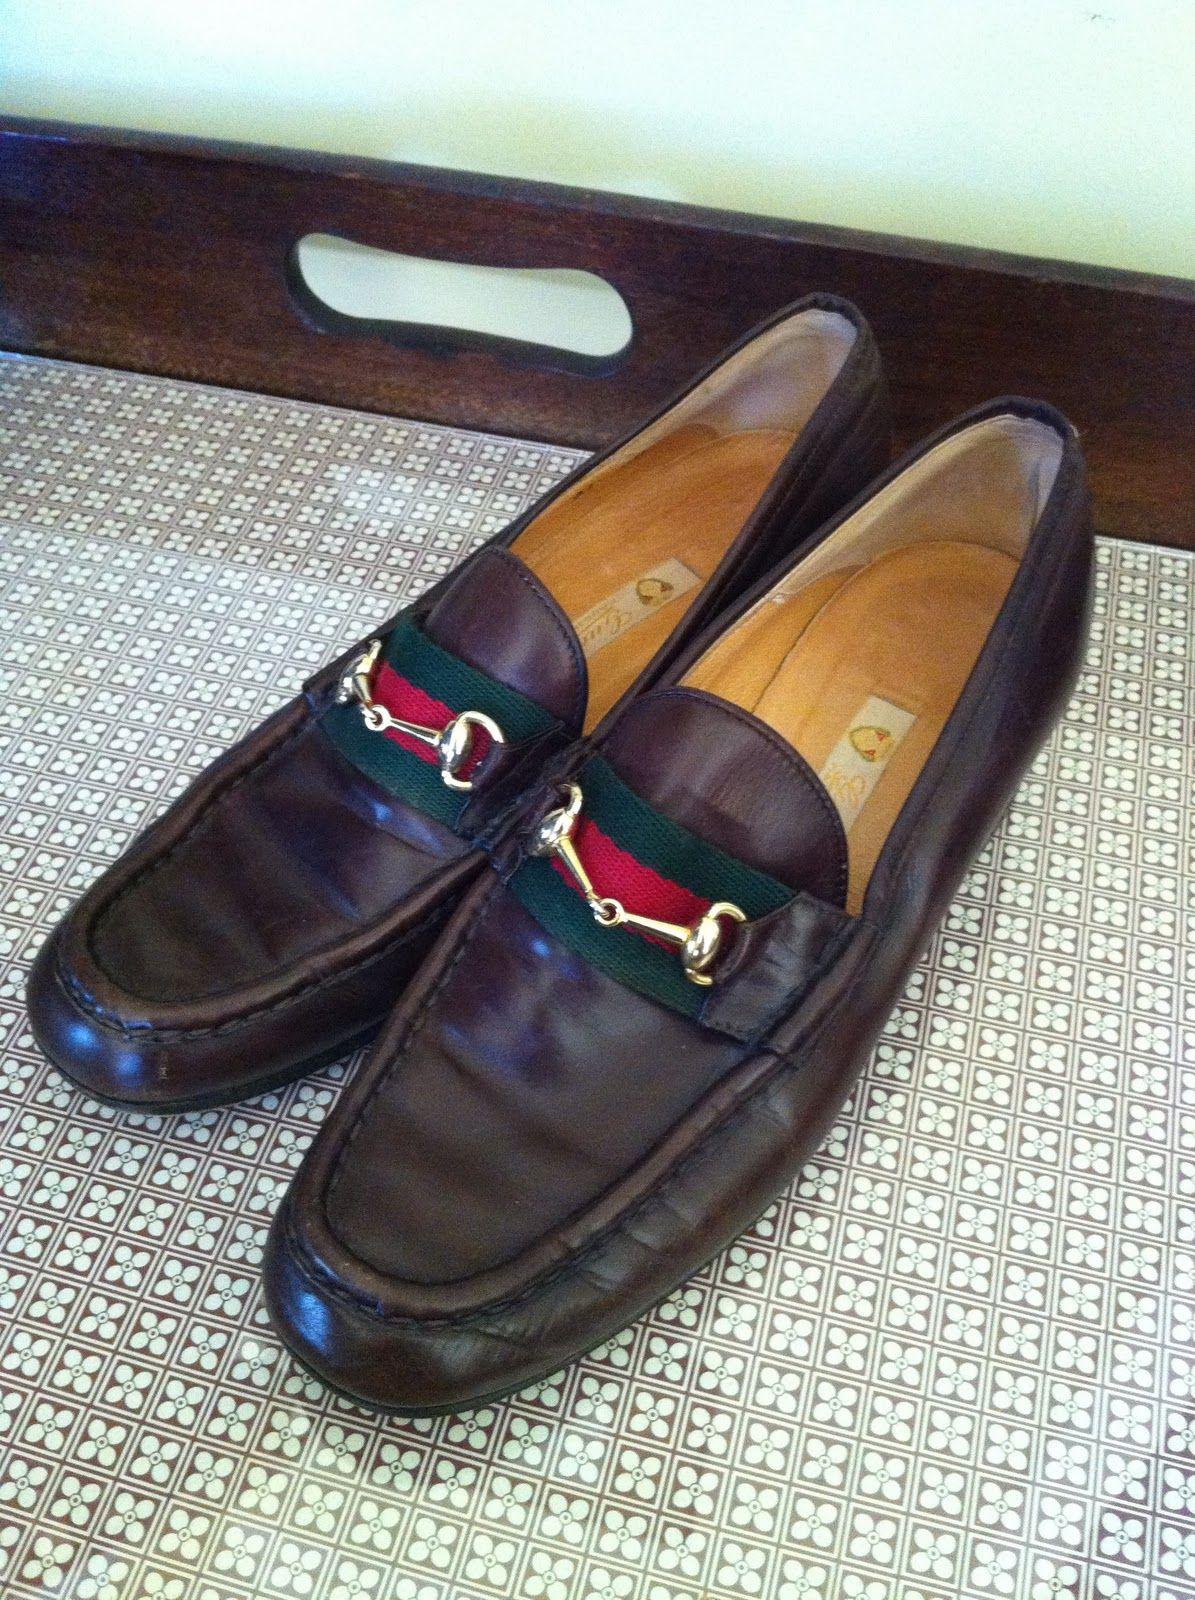 043f4cb53 Shop La Dolfina: Vintage Gucci Loafers | National Pink Tie Org ...